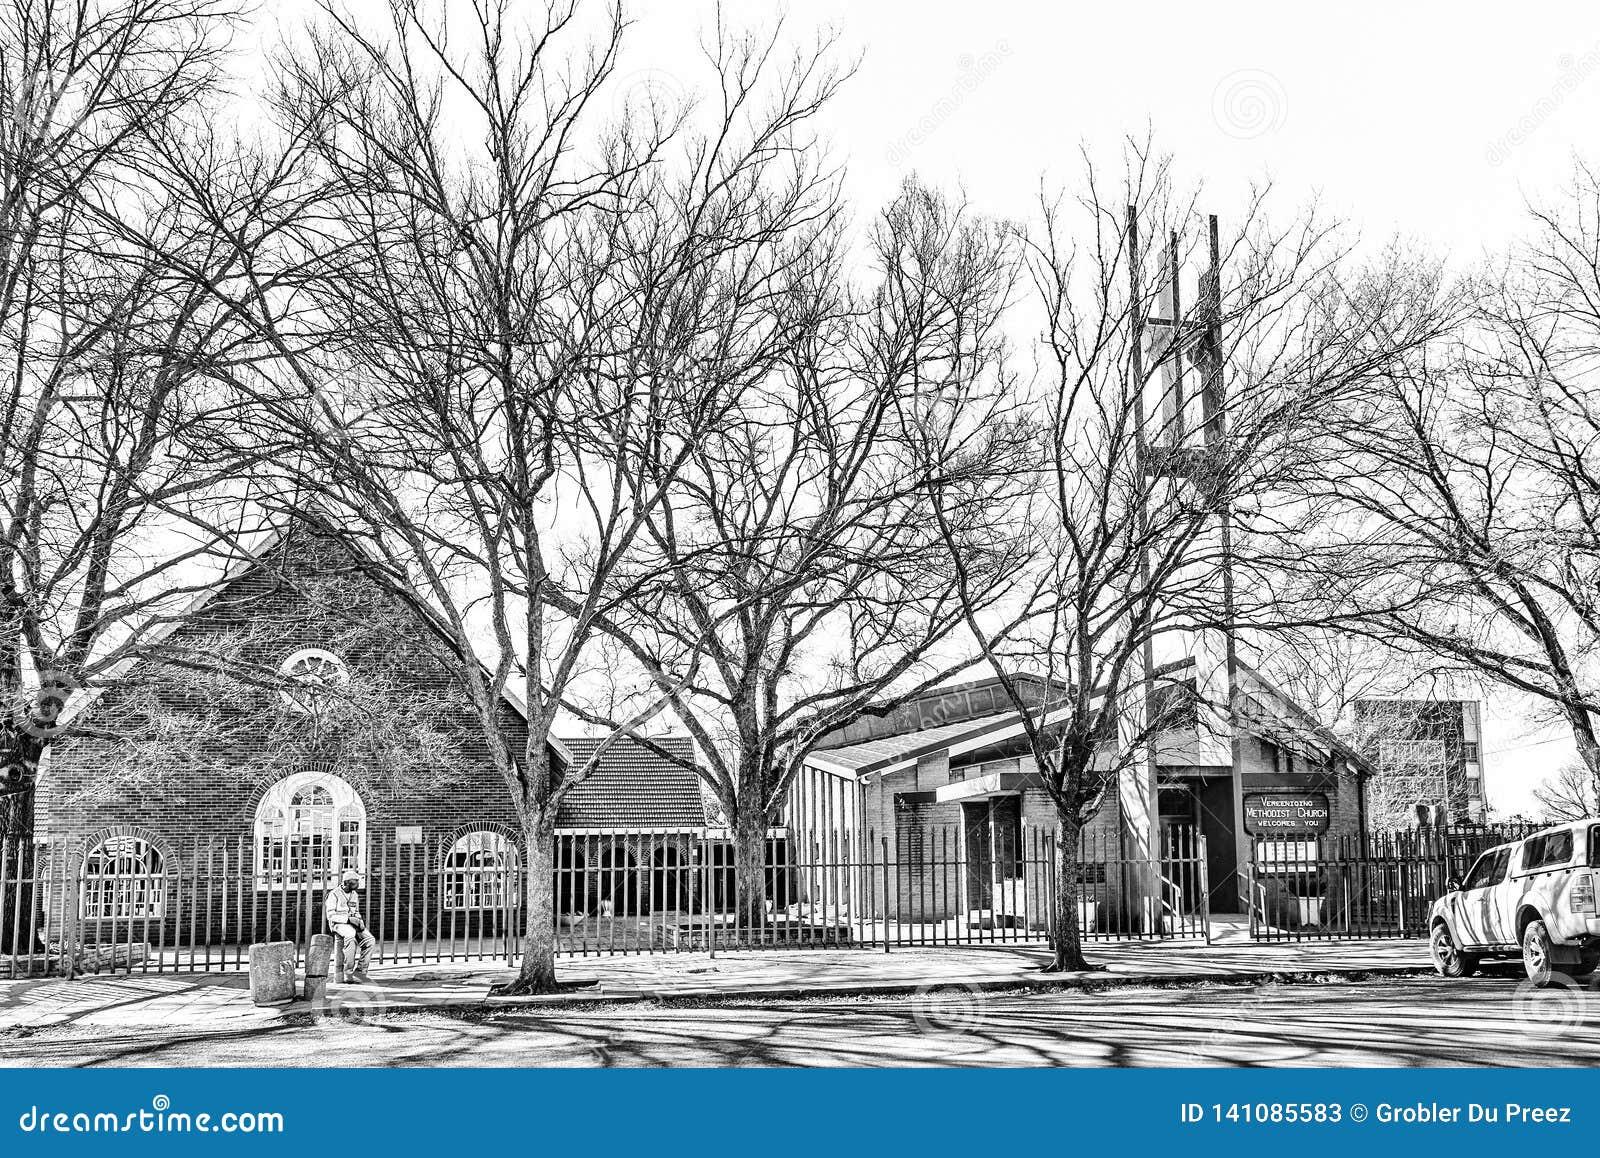 Iglesia metodista en Vereeniging en Gauteng Province monocromático